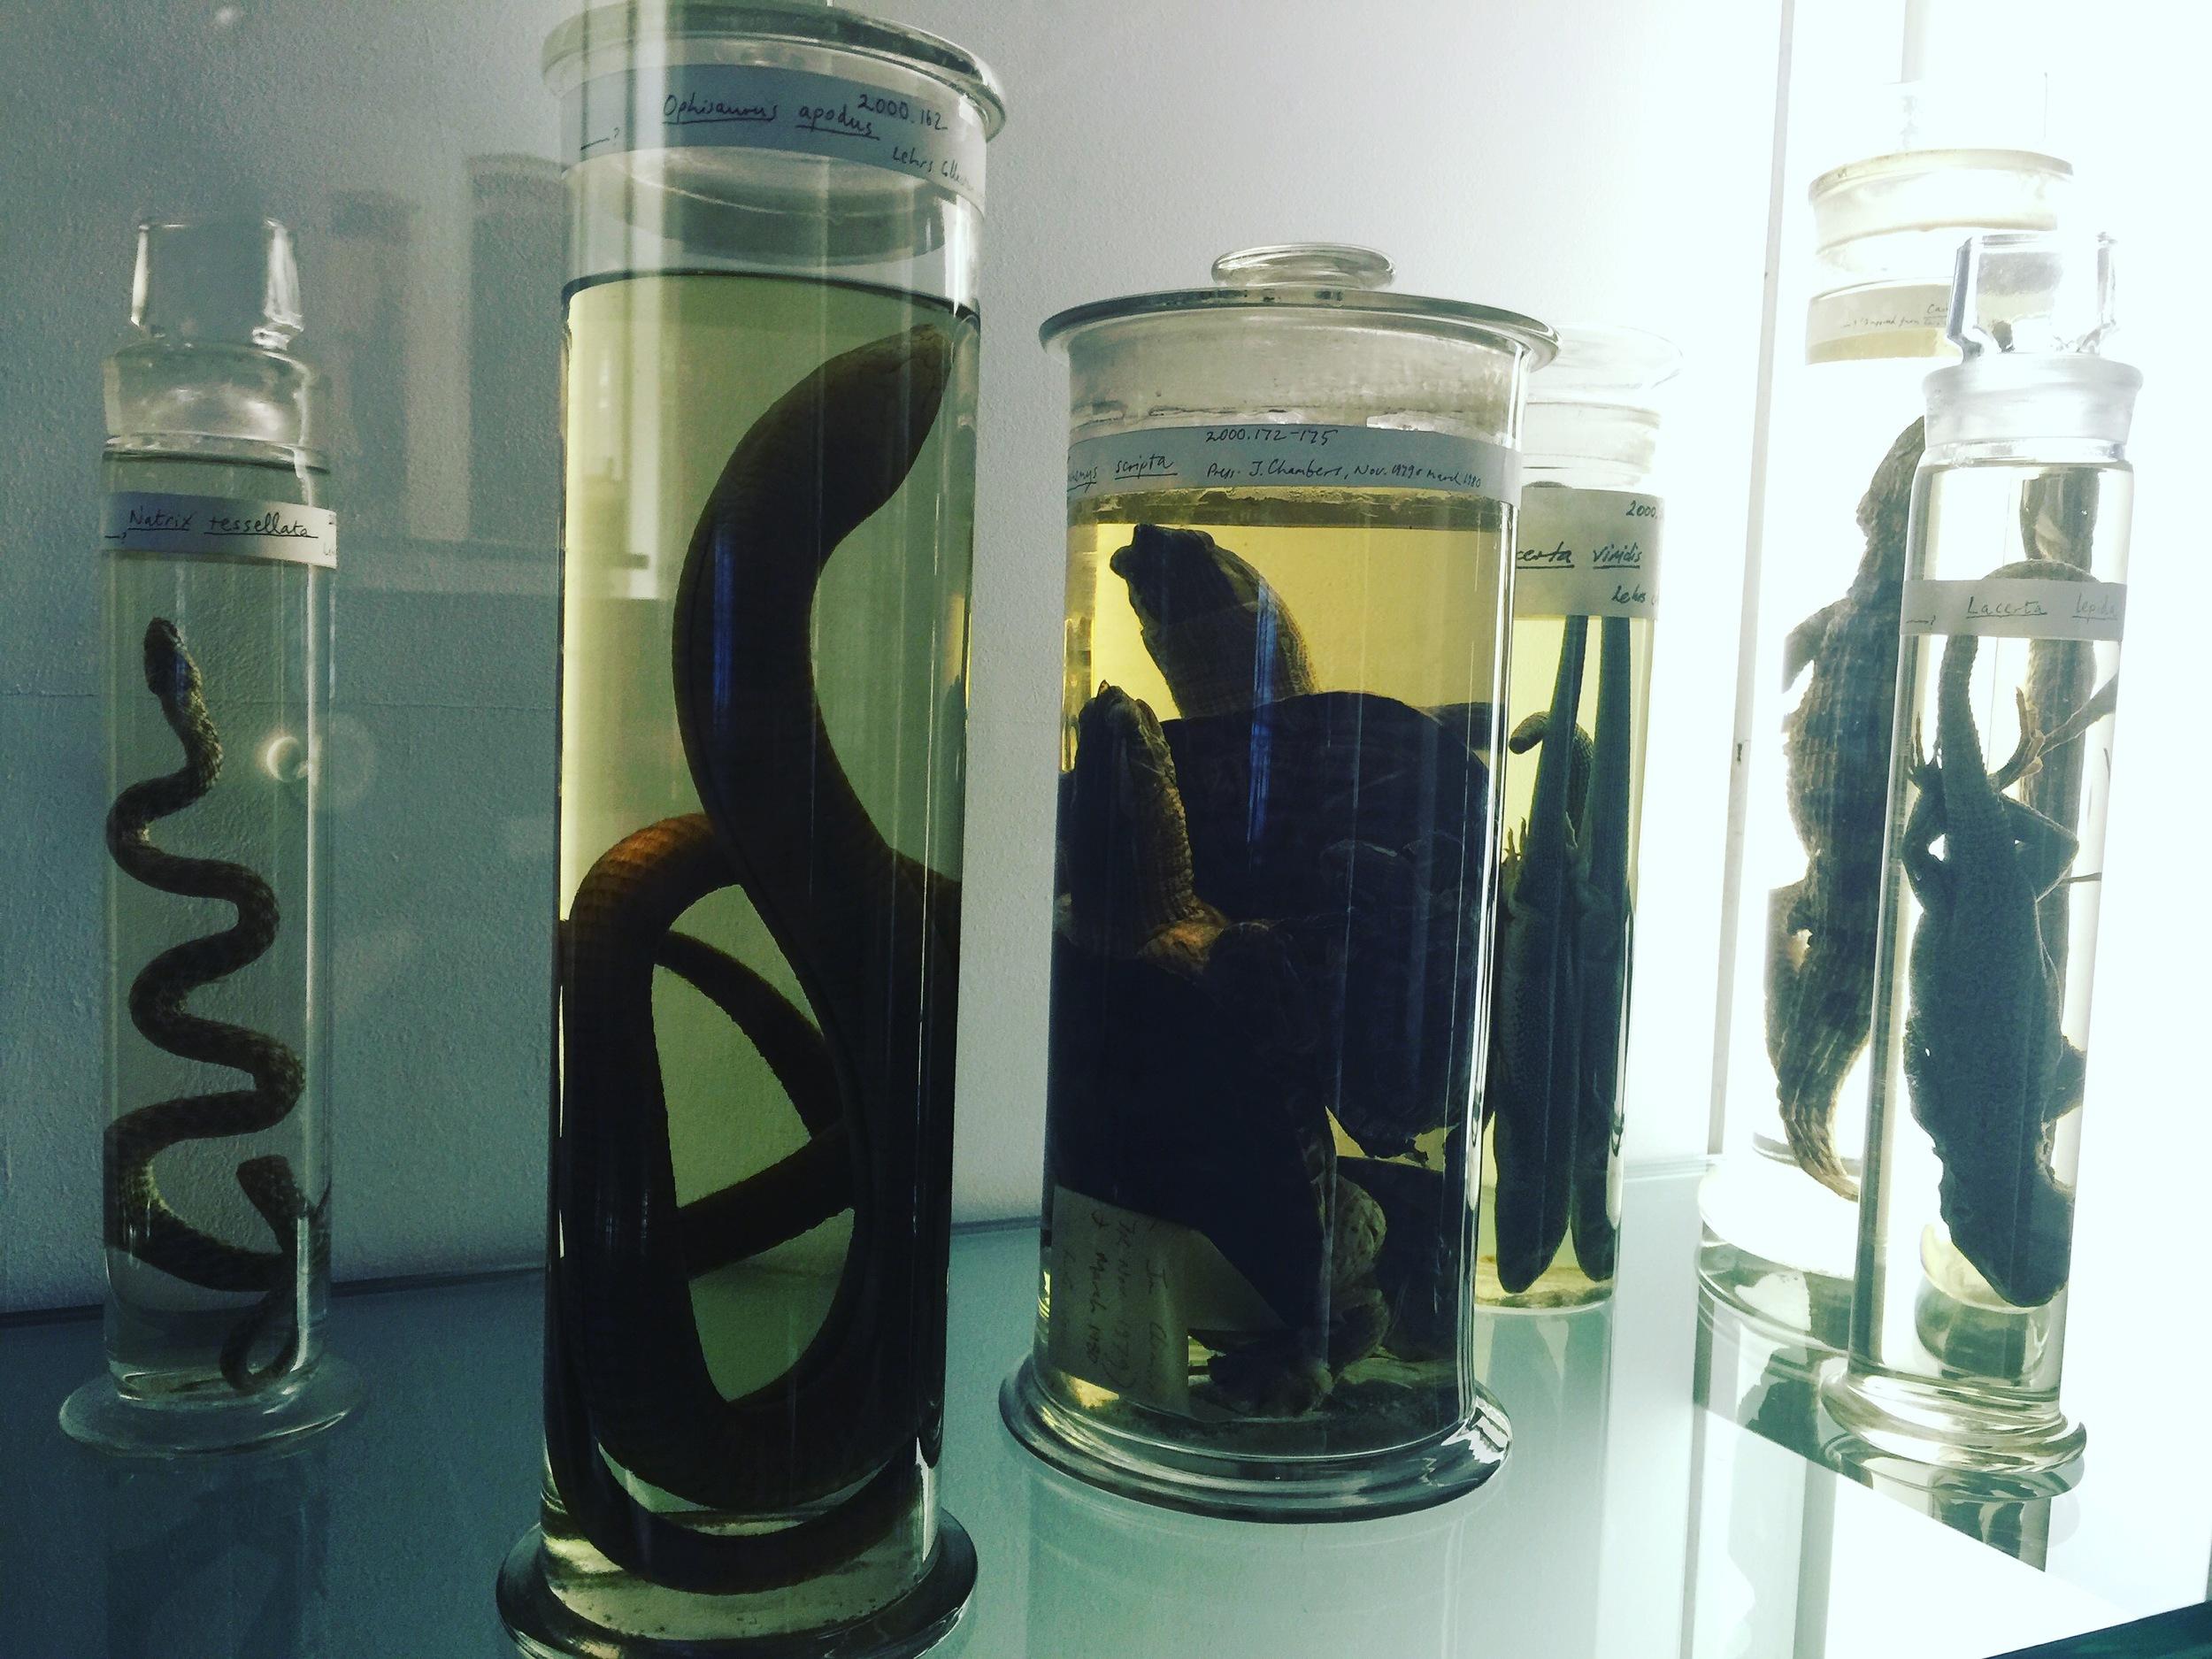 Reptile specimens